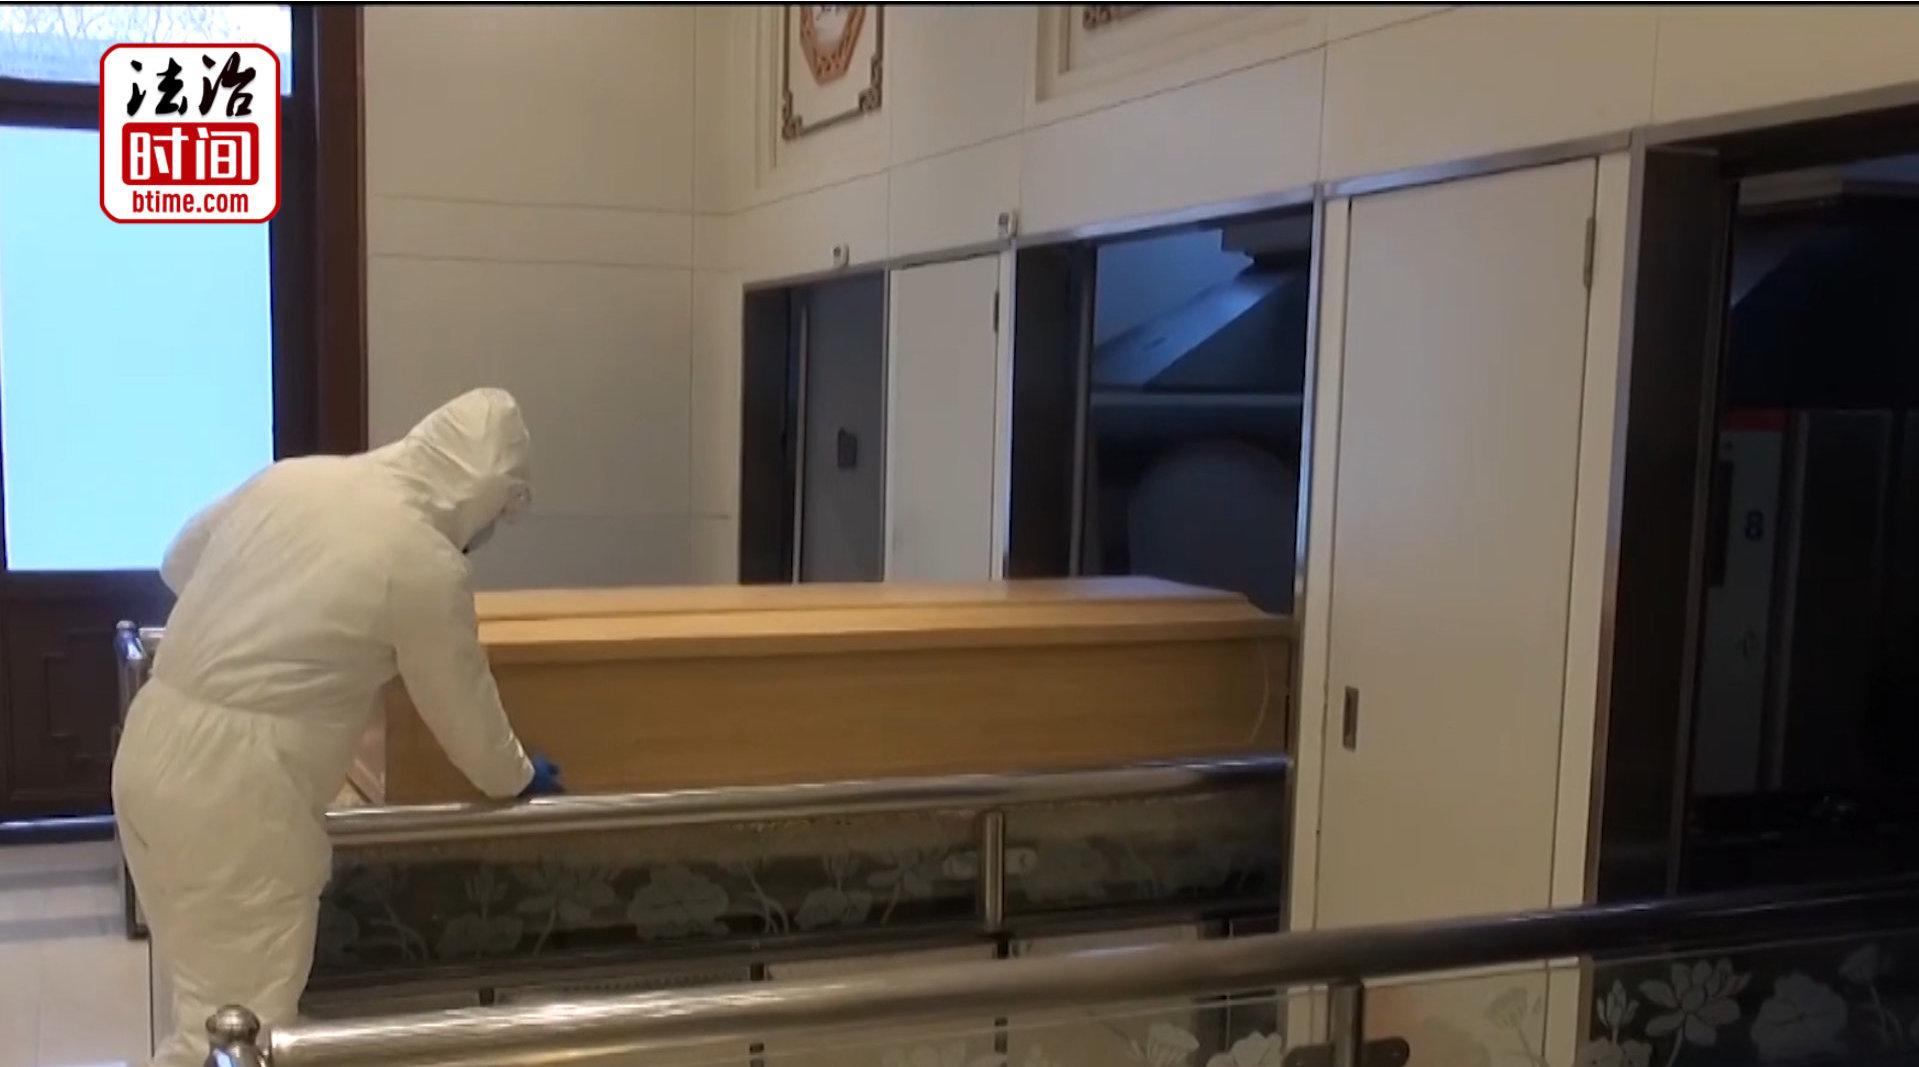 全年无休 八宝山防疫一线日接90件殡葬业务 重点区域仅允许1人办理